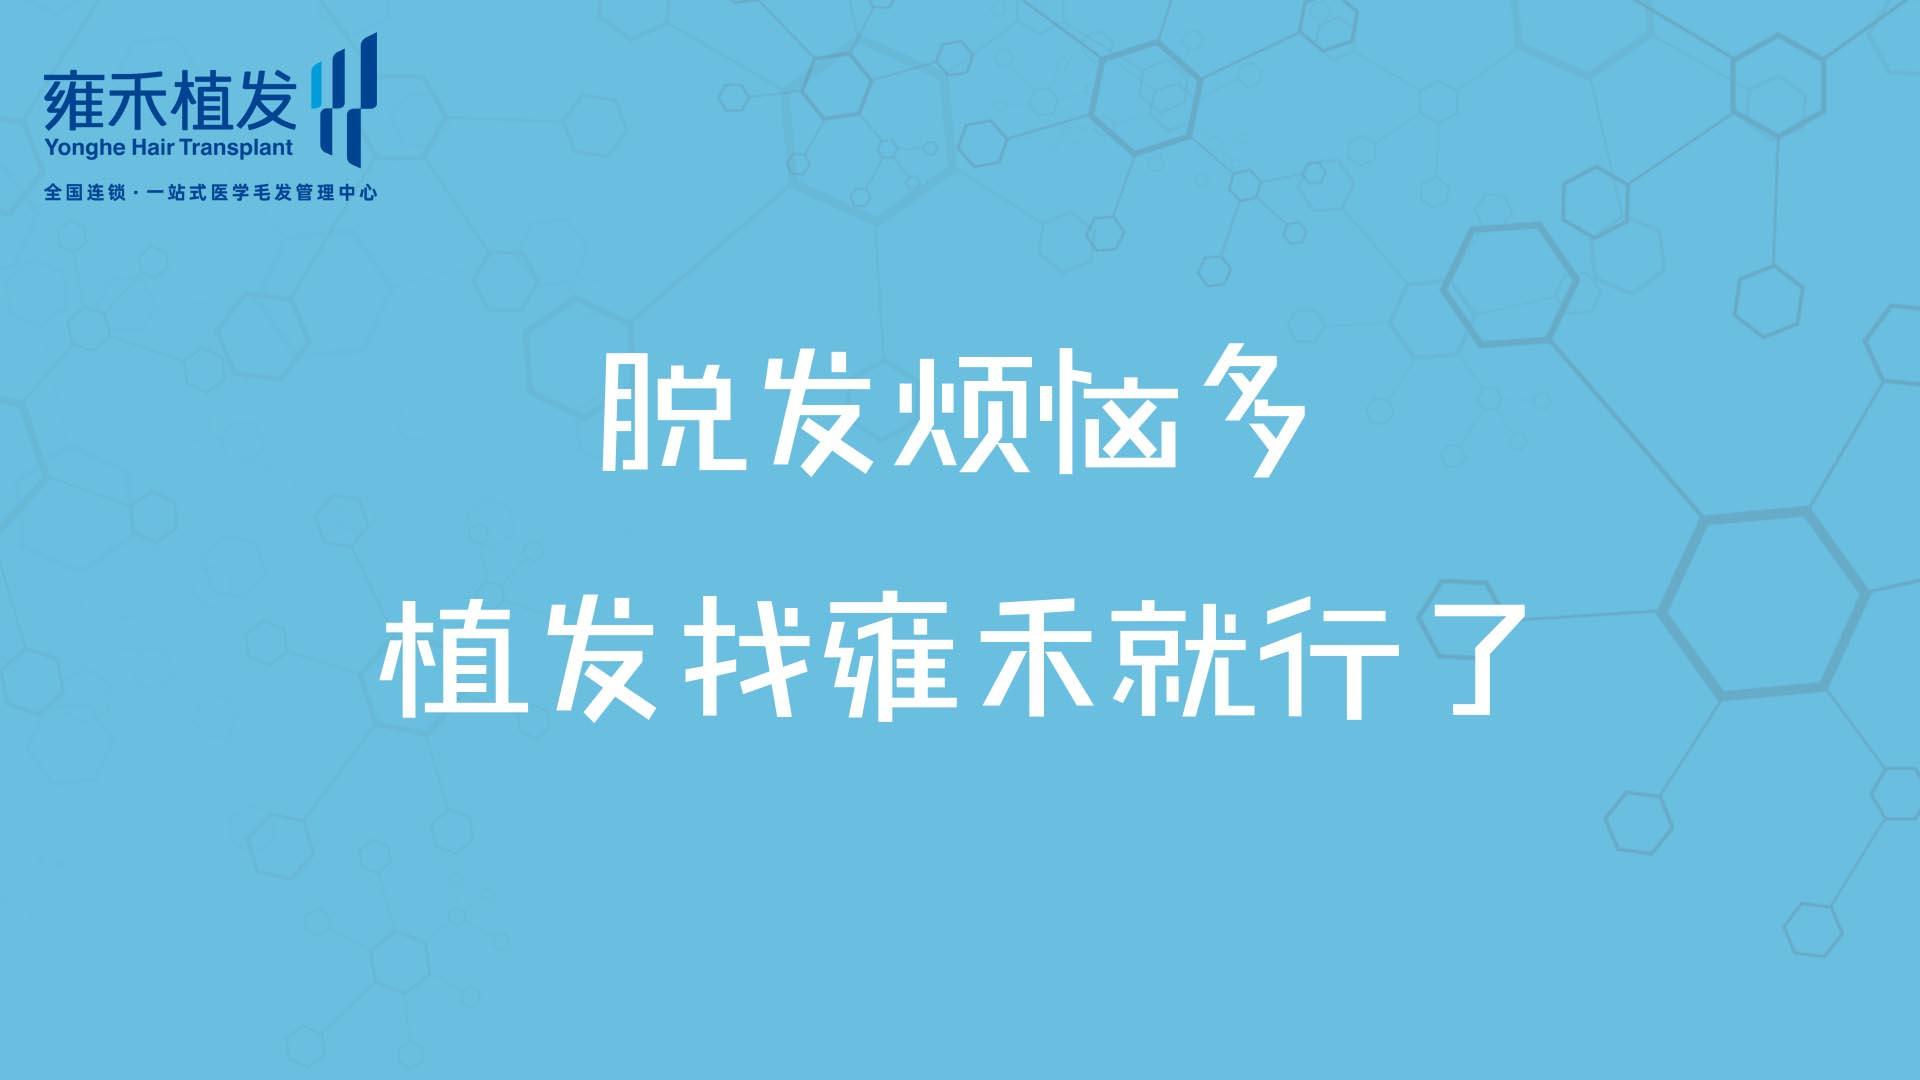 福州雍禾鬓角种植之后会不会再次脱落?